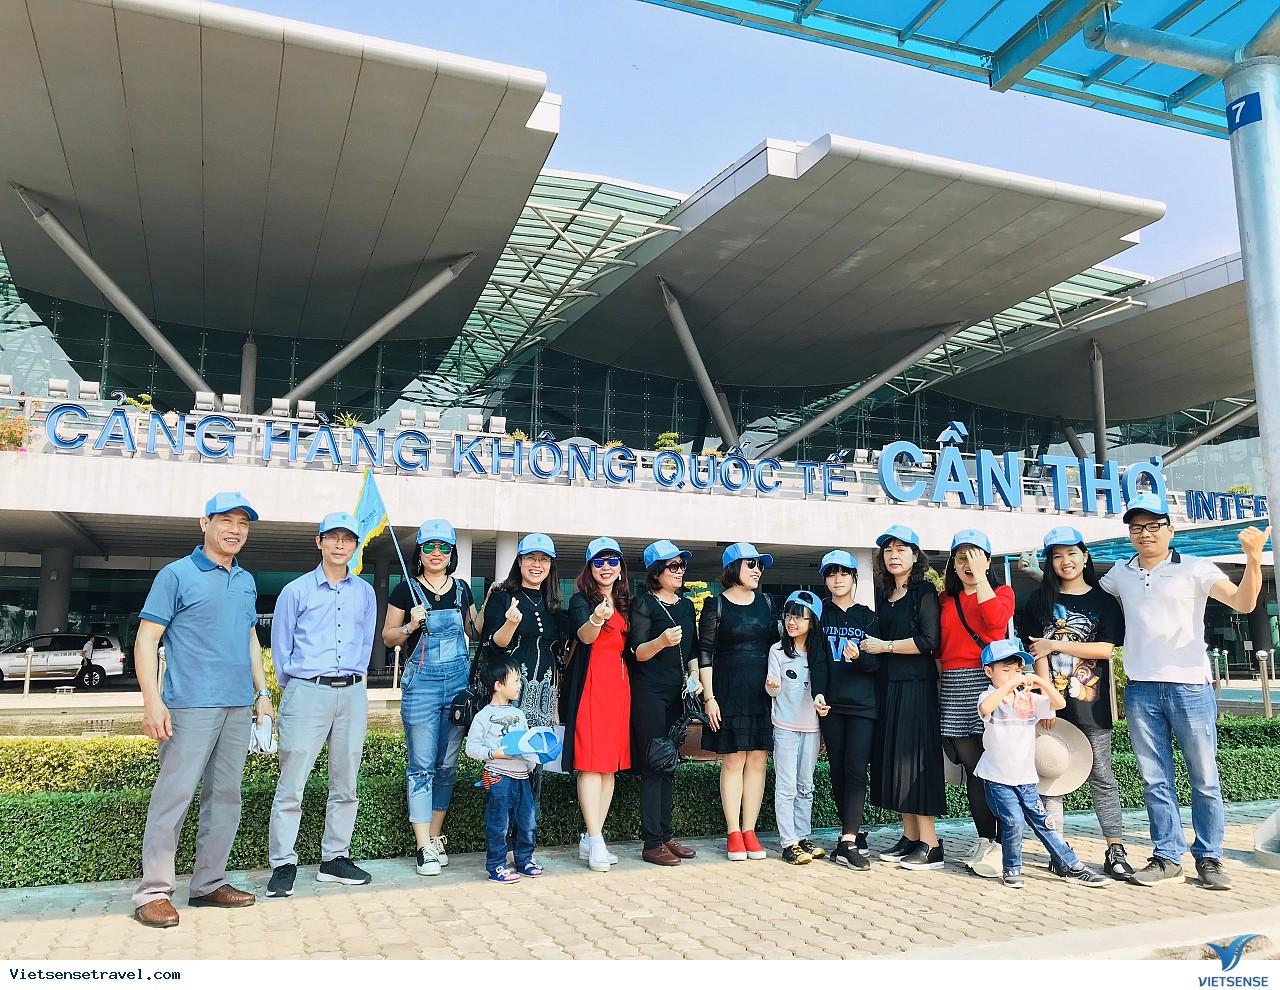 Tour du lịch Hà Nội - Miền Tây 4 ngày 3 đêm: Cần Thơ - Sóc Trăng - Bạc Liêu - Cà Mau - Châu Đốc - Ảnh 1